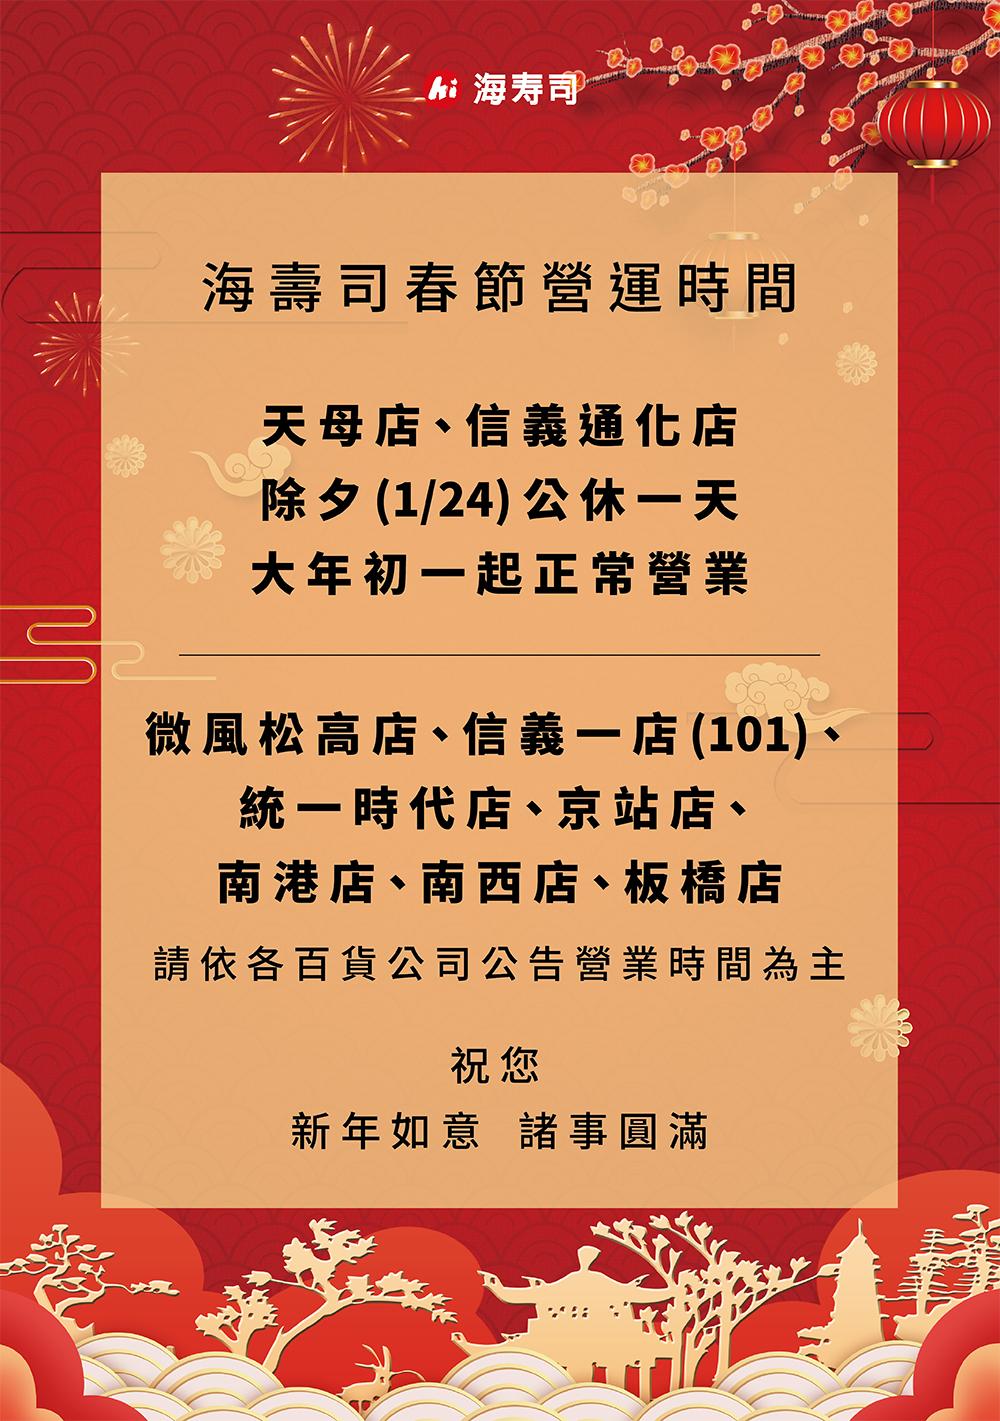 2020海壽司春節營業時間